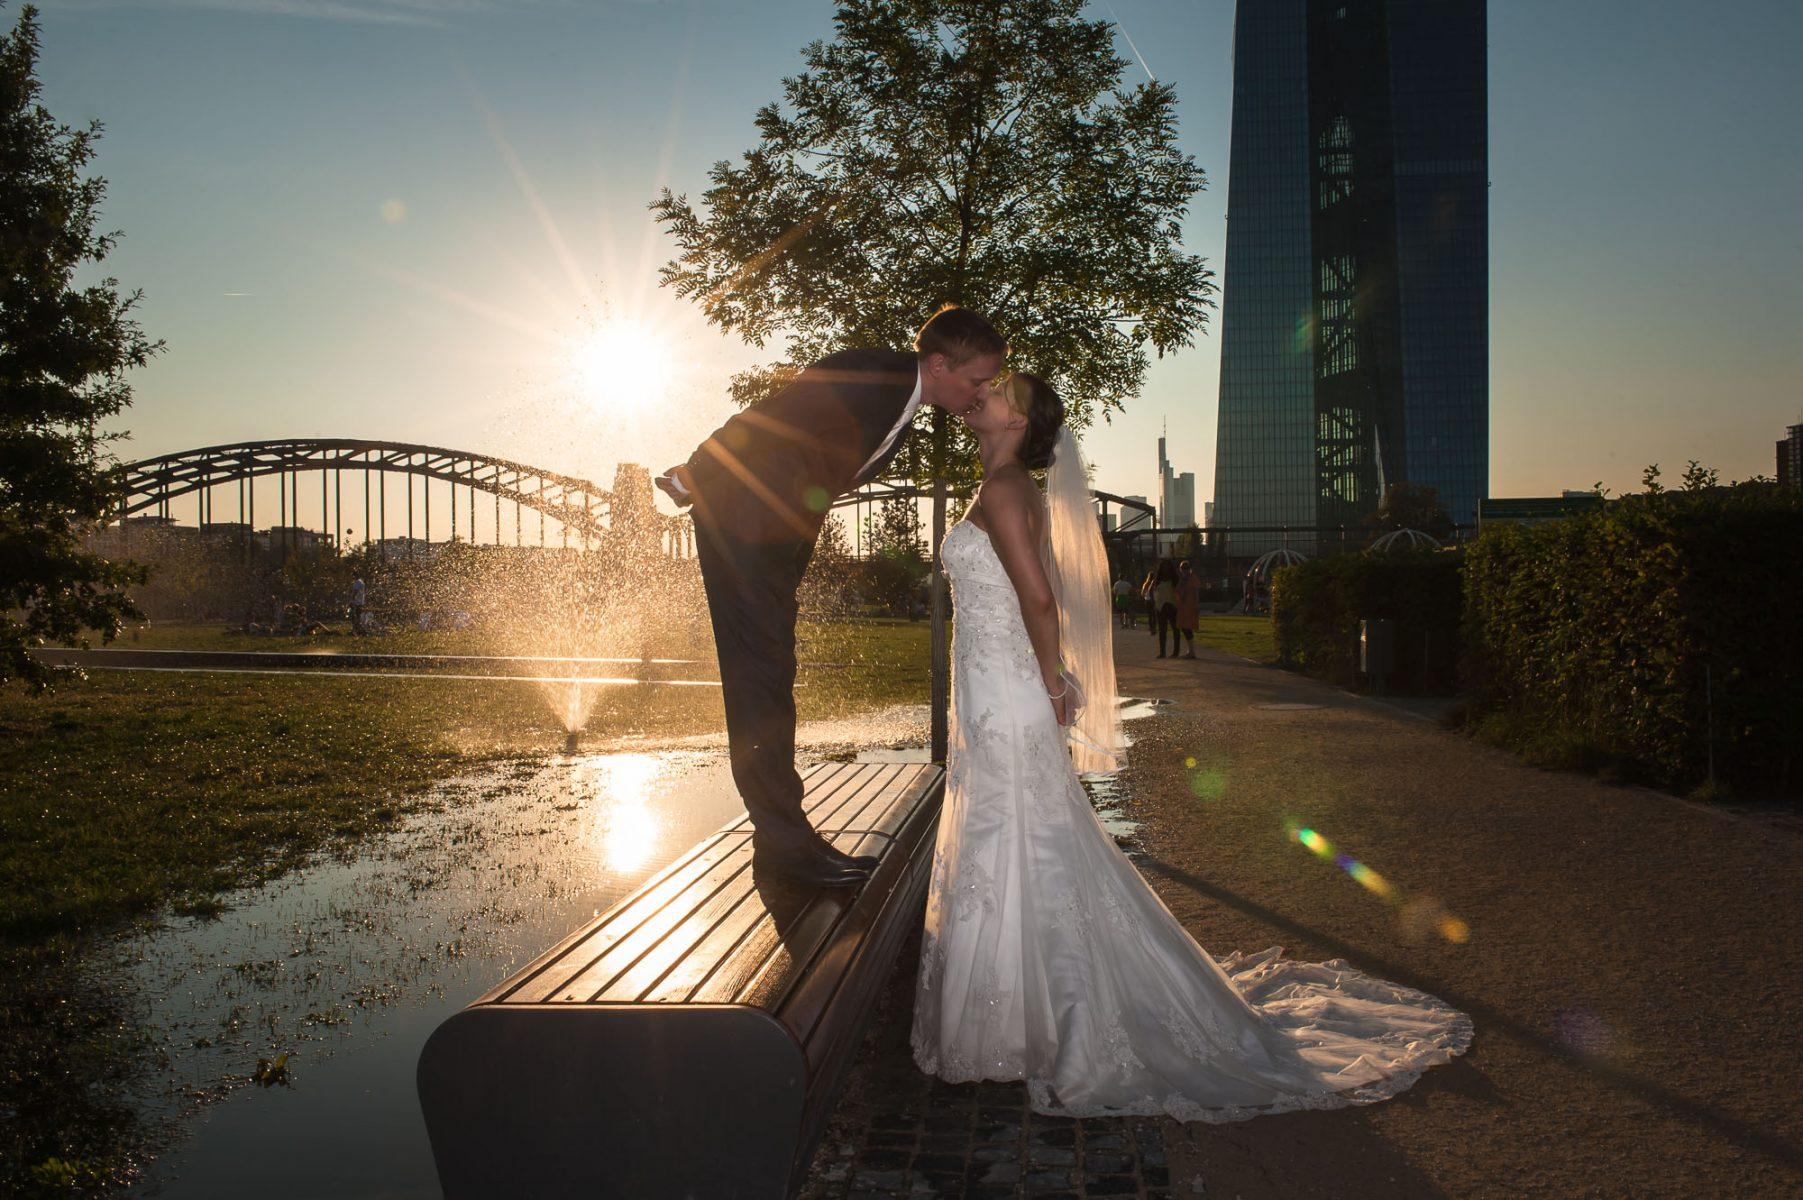 Hochzeit B2000  222410 026 1803x1200 - ZWEISAM